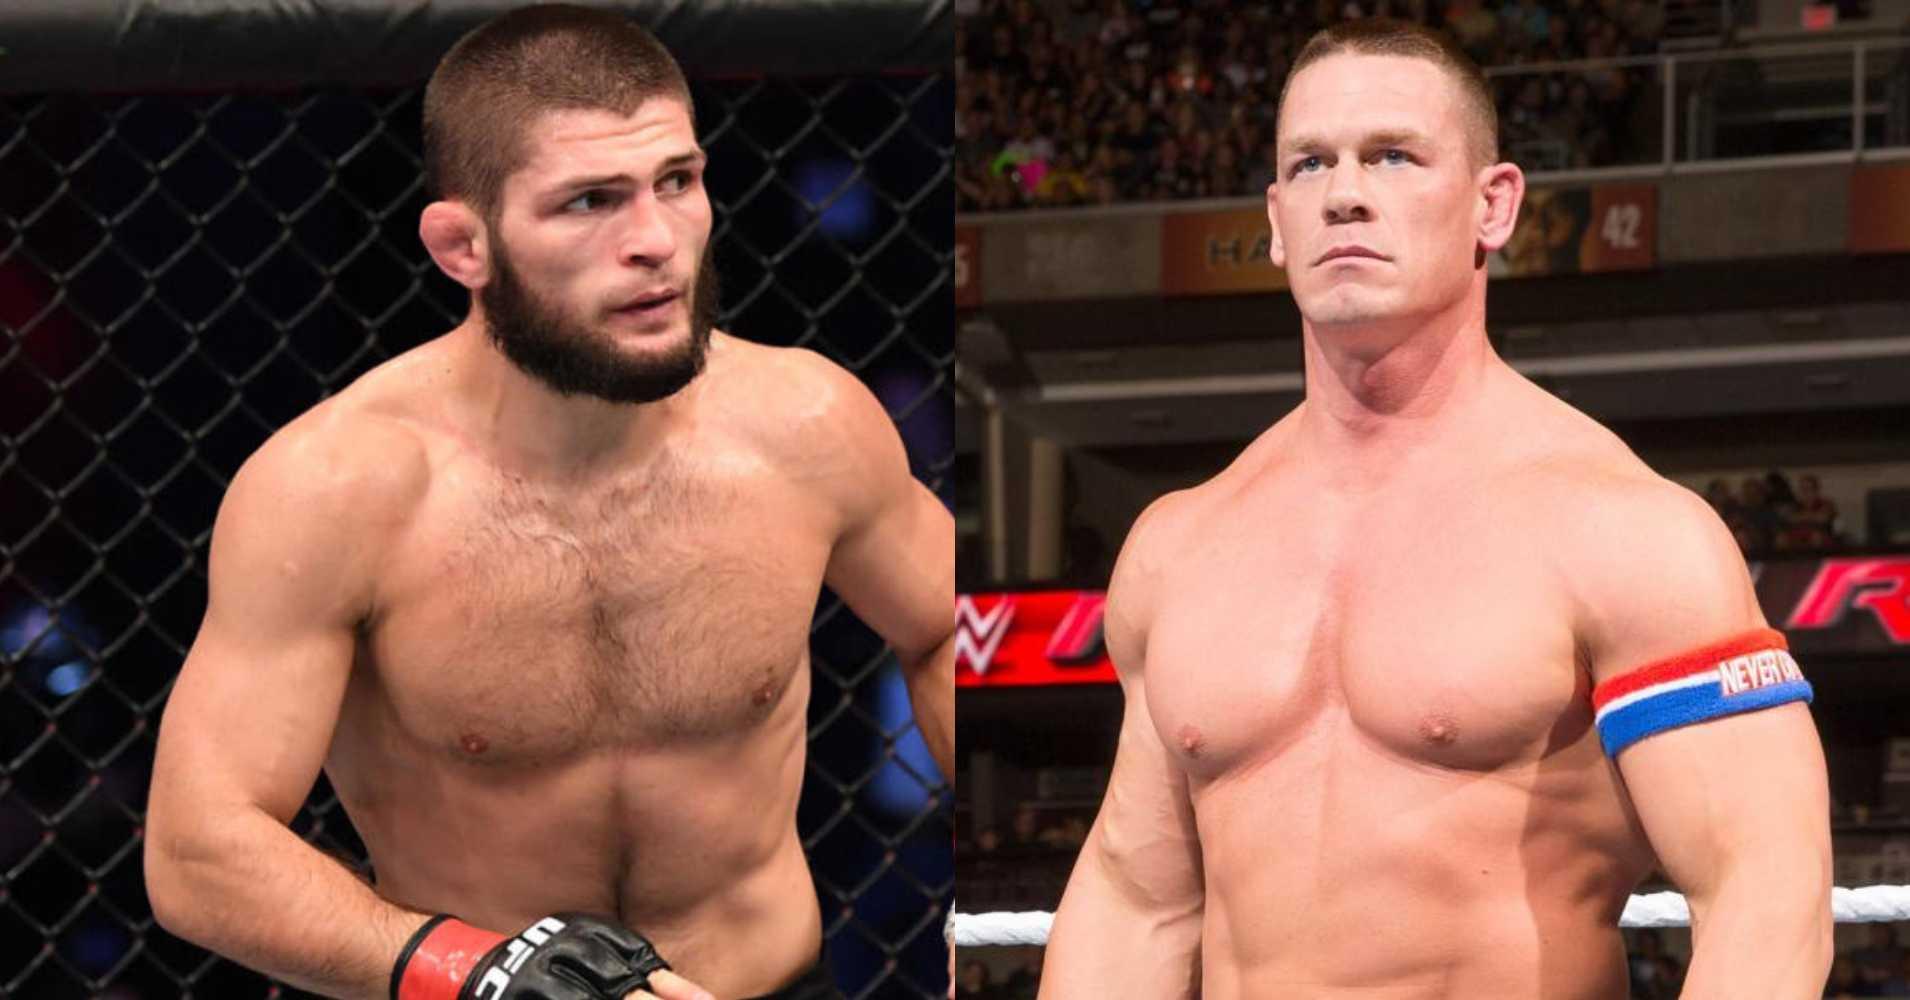 UFC, WWE, Khabib Nurmagomedov, John Cena